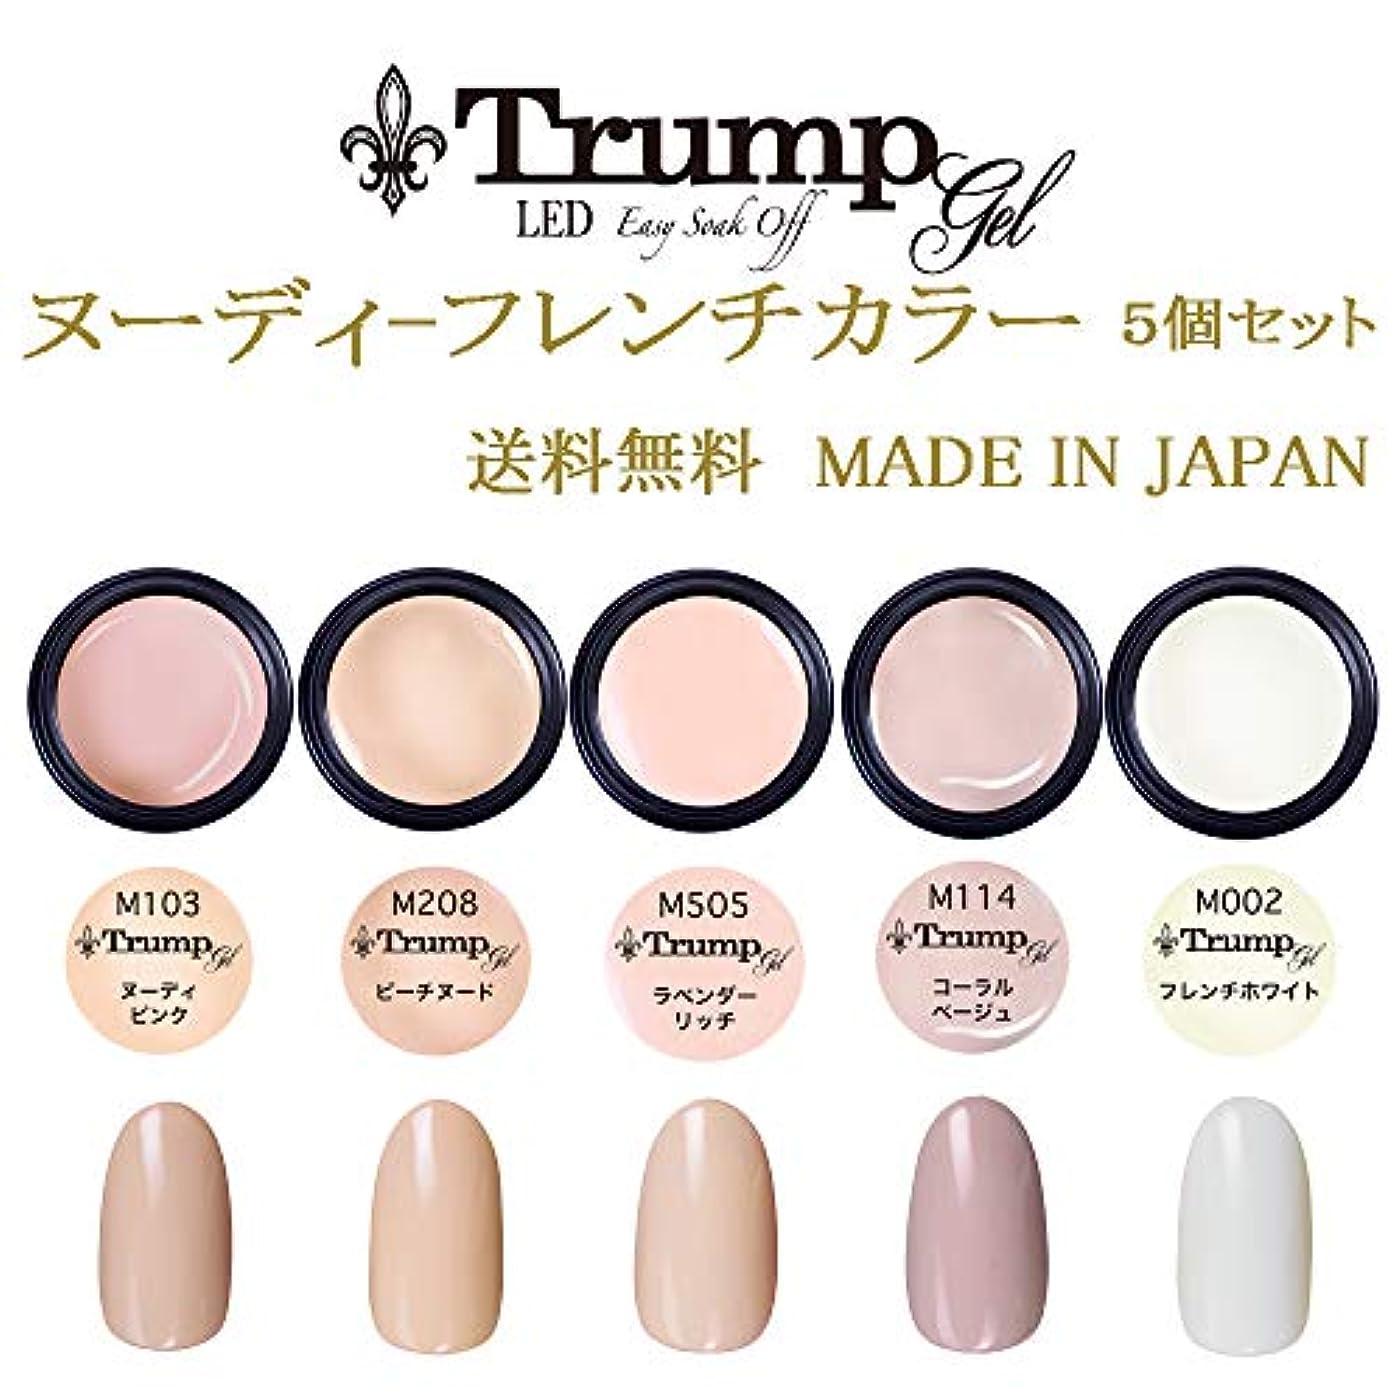 脊椎リットル評価可能【送料無料】日本製 Trump gel トランプジェルヌーディフレンチカラージェル 5個セット 肌馴染みの良い ヌーデイフレンチカラージェルセット